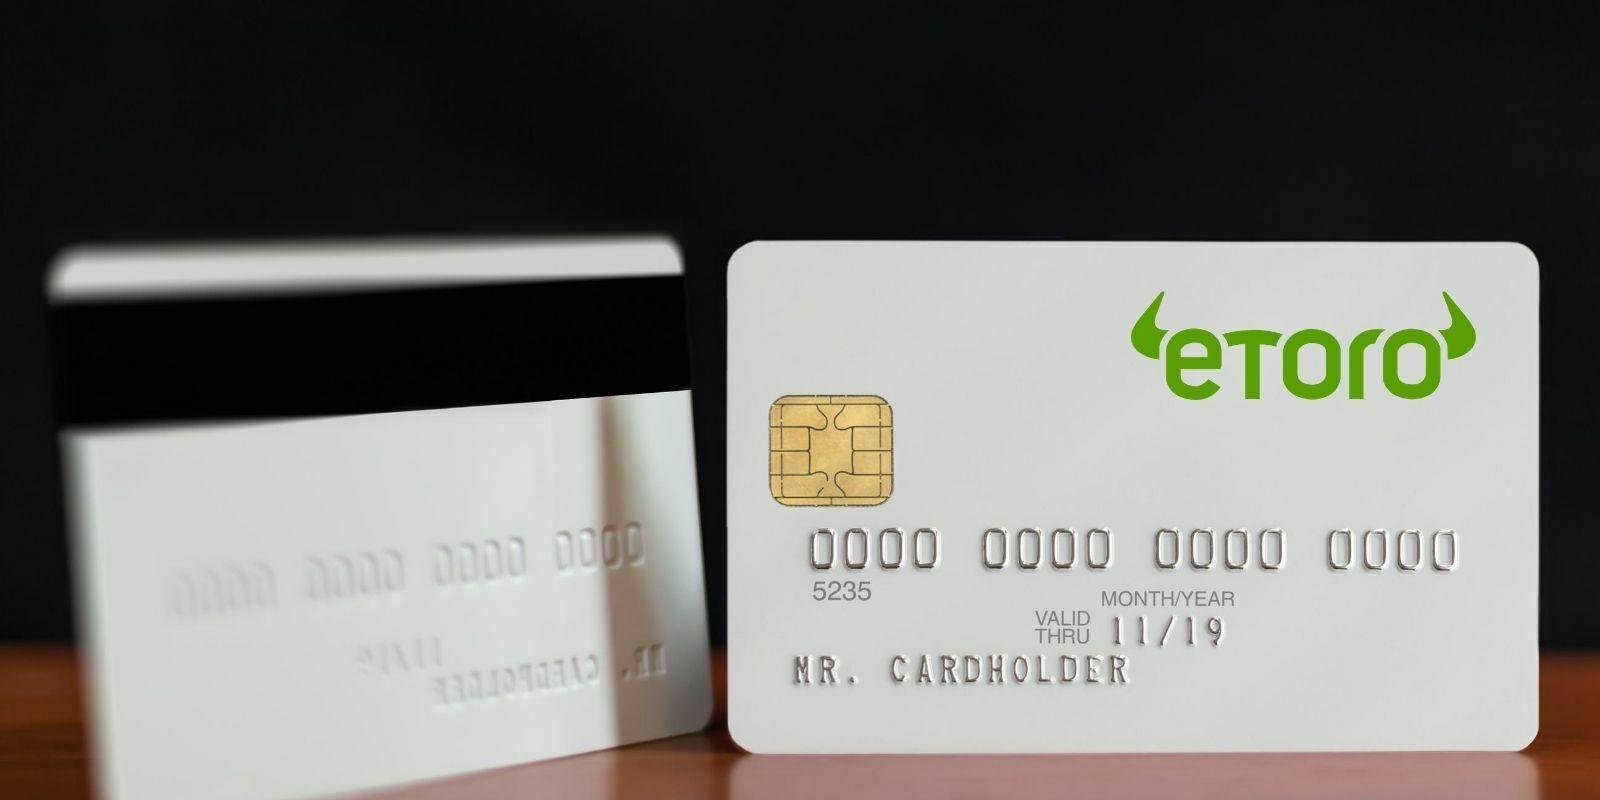 Des cartes de débit eToro seront bientôt disponibles au Royaume-Uni